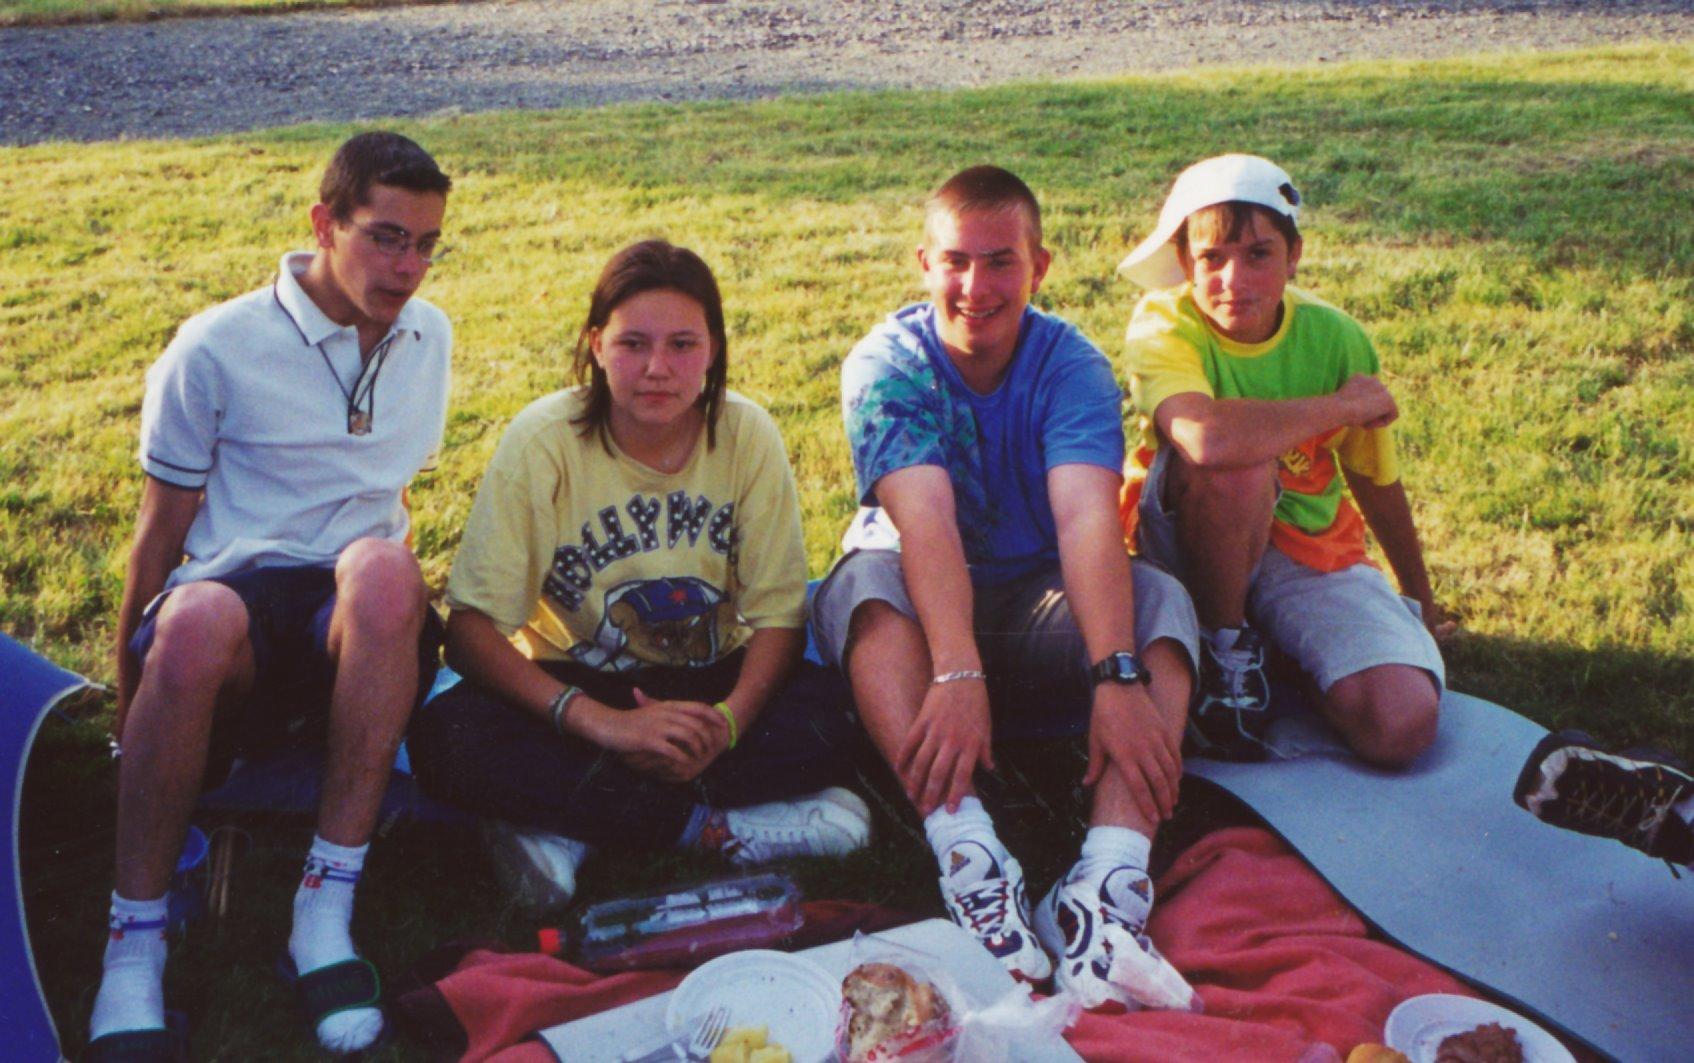 Archives anciens élèves mfr puy-sec 1999 (4)